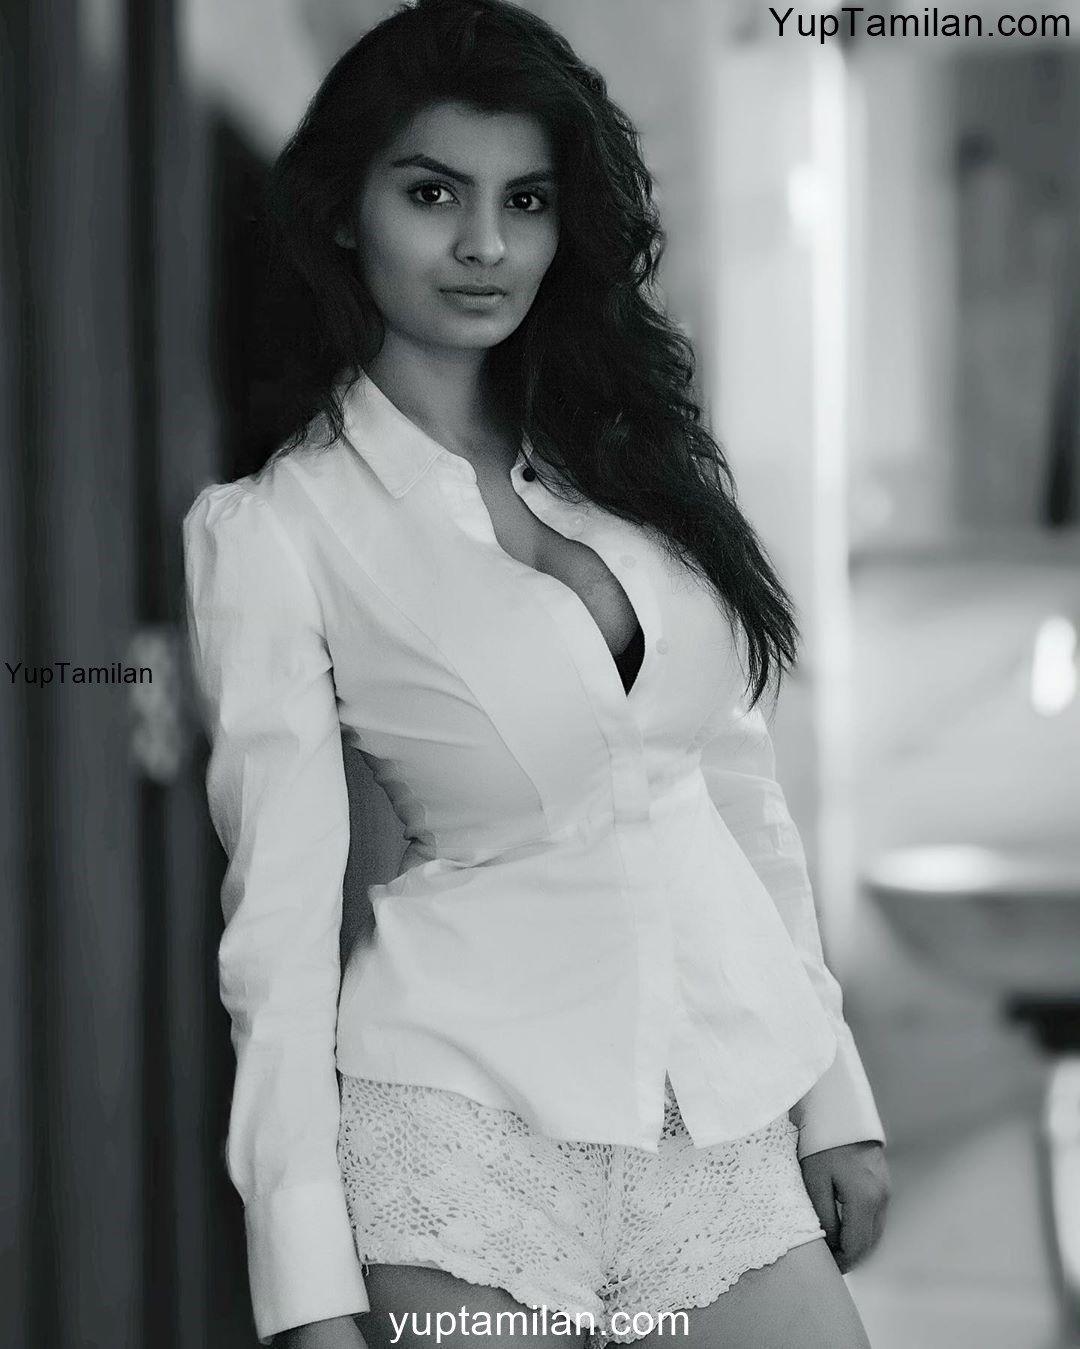 Anveshi Jain Sexy Images, HD Photos